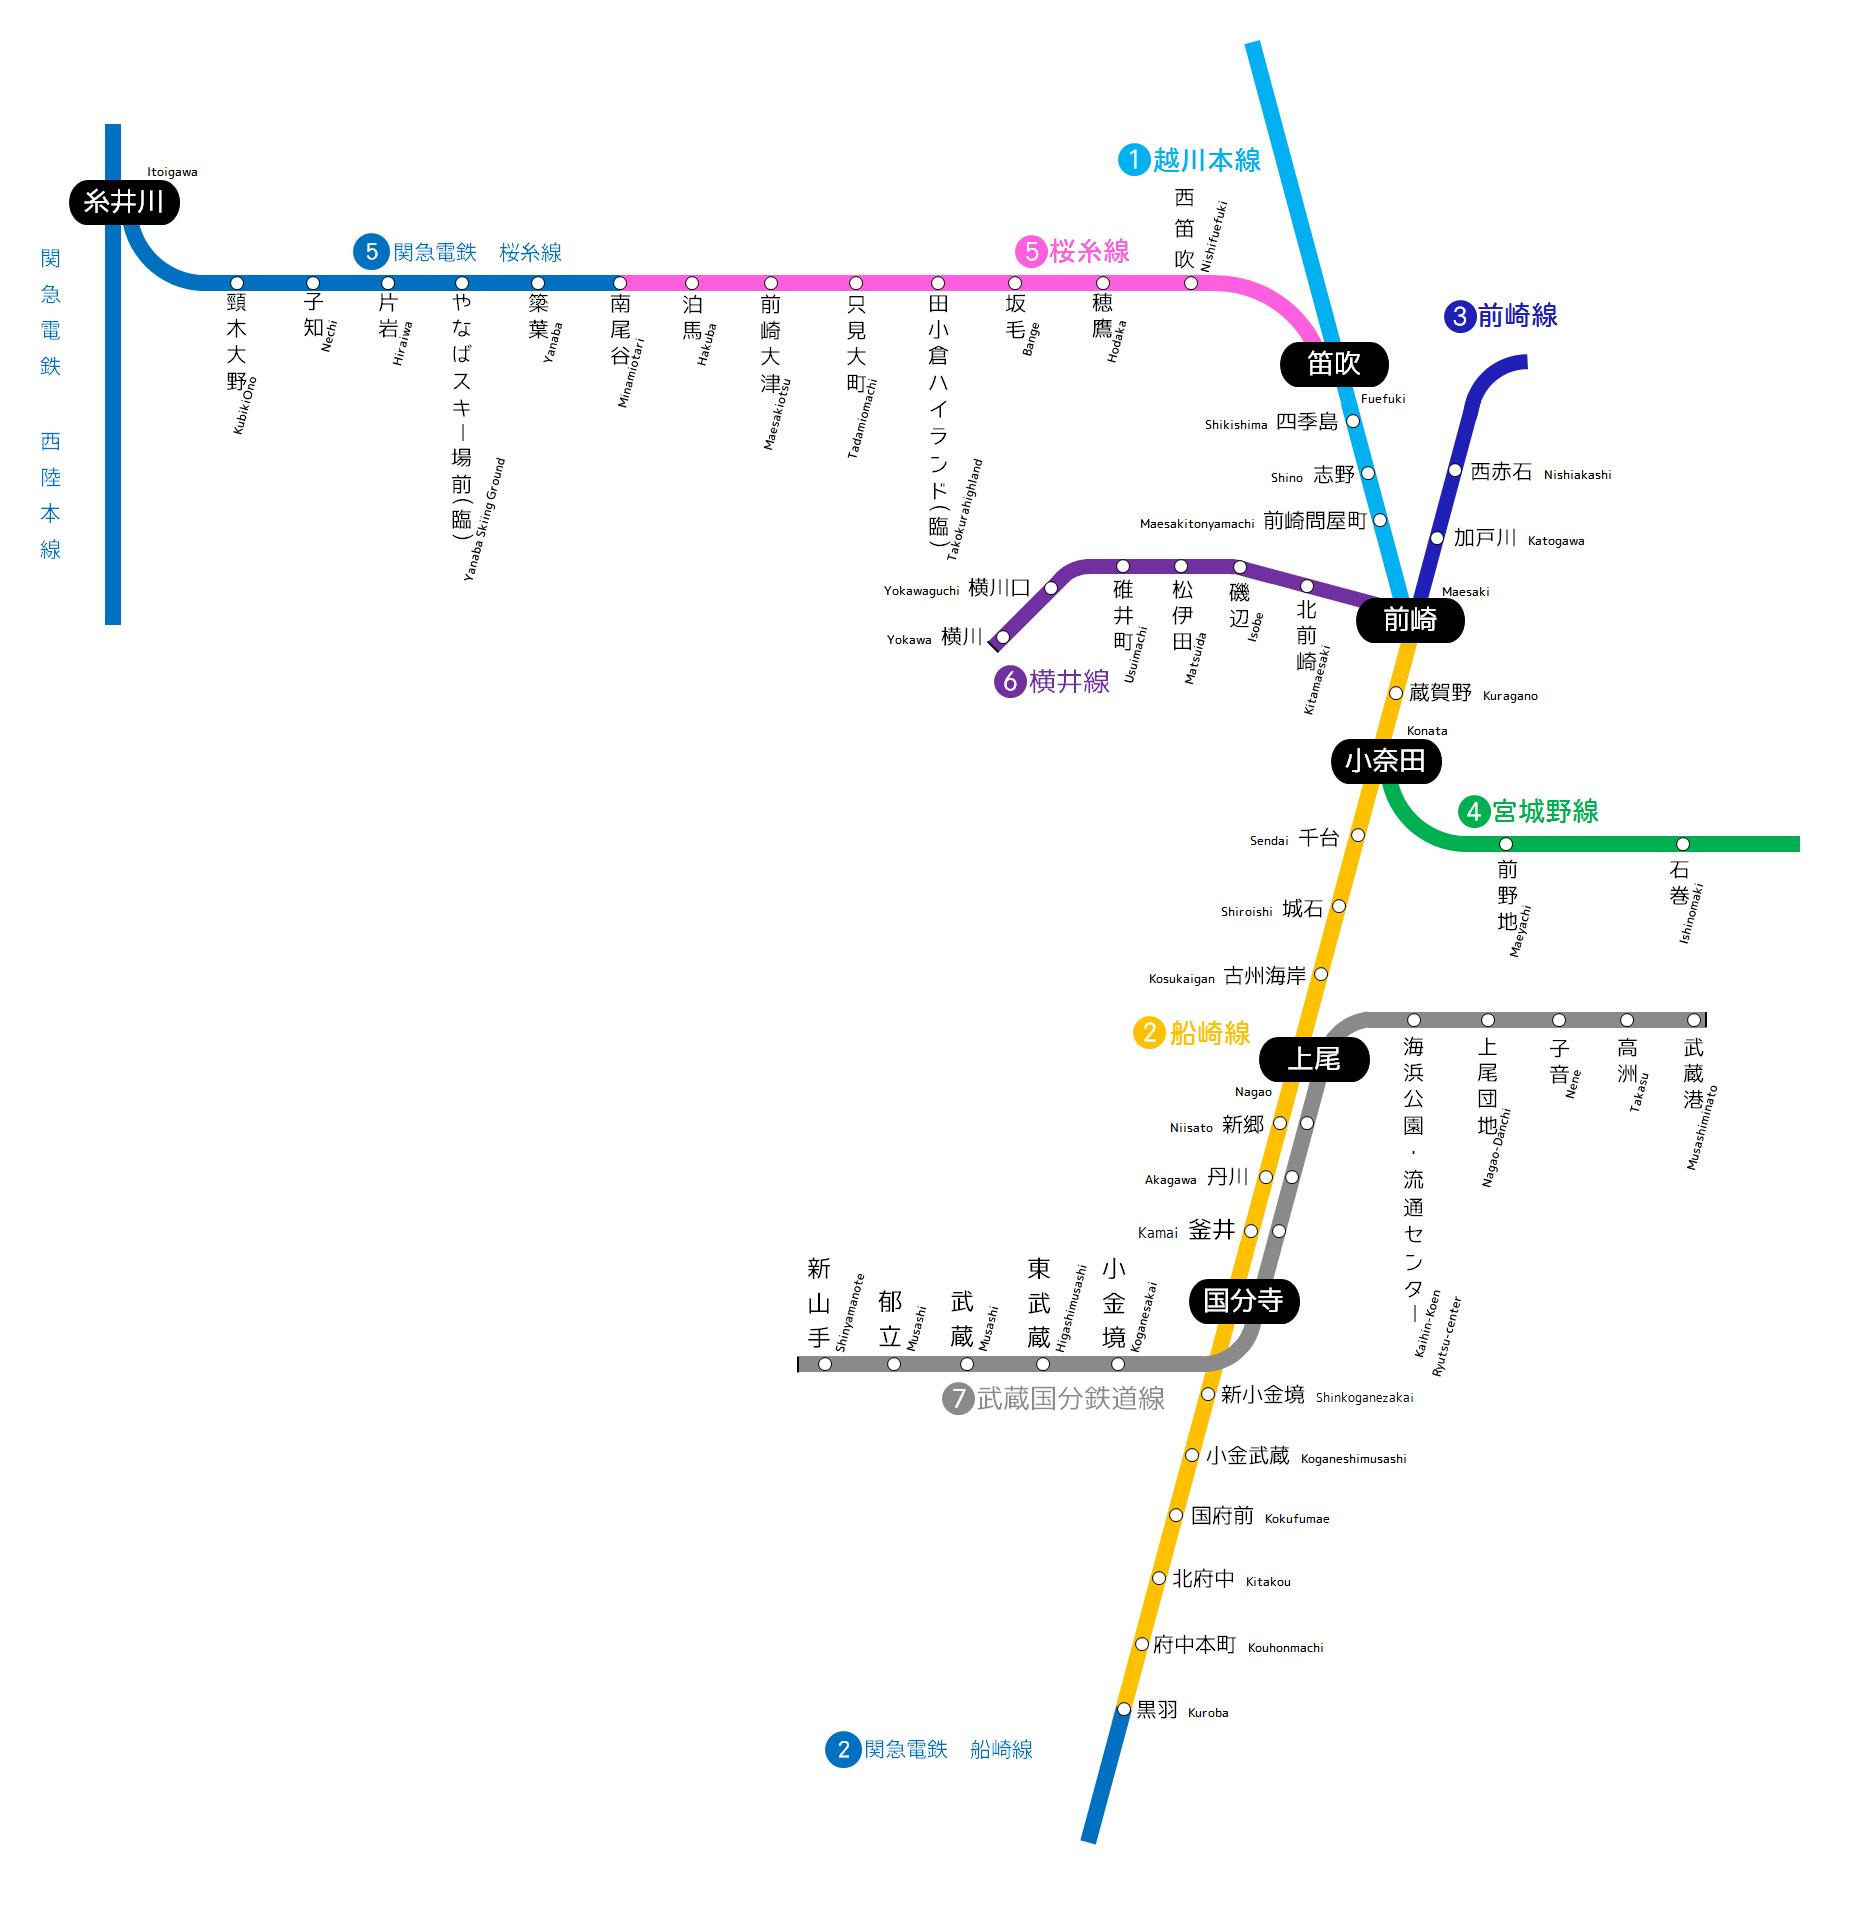 みやてつ前崎地区路線図 Ver_0.0.1101.png